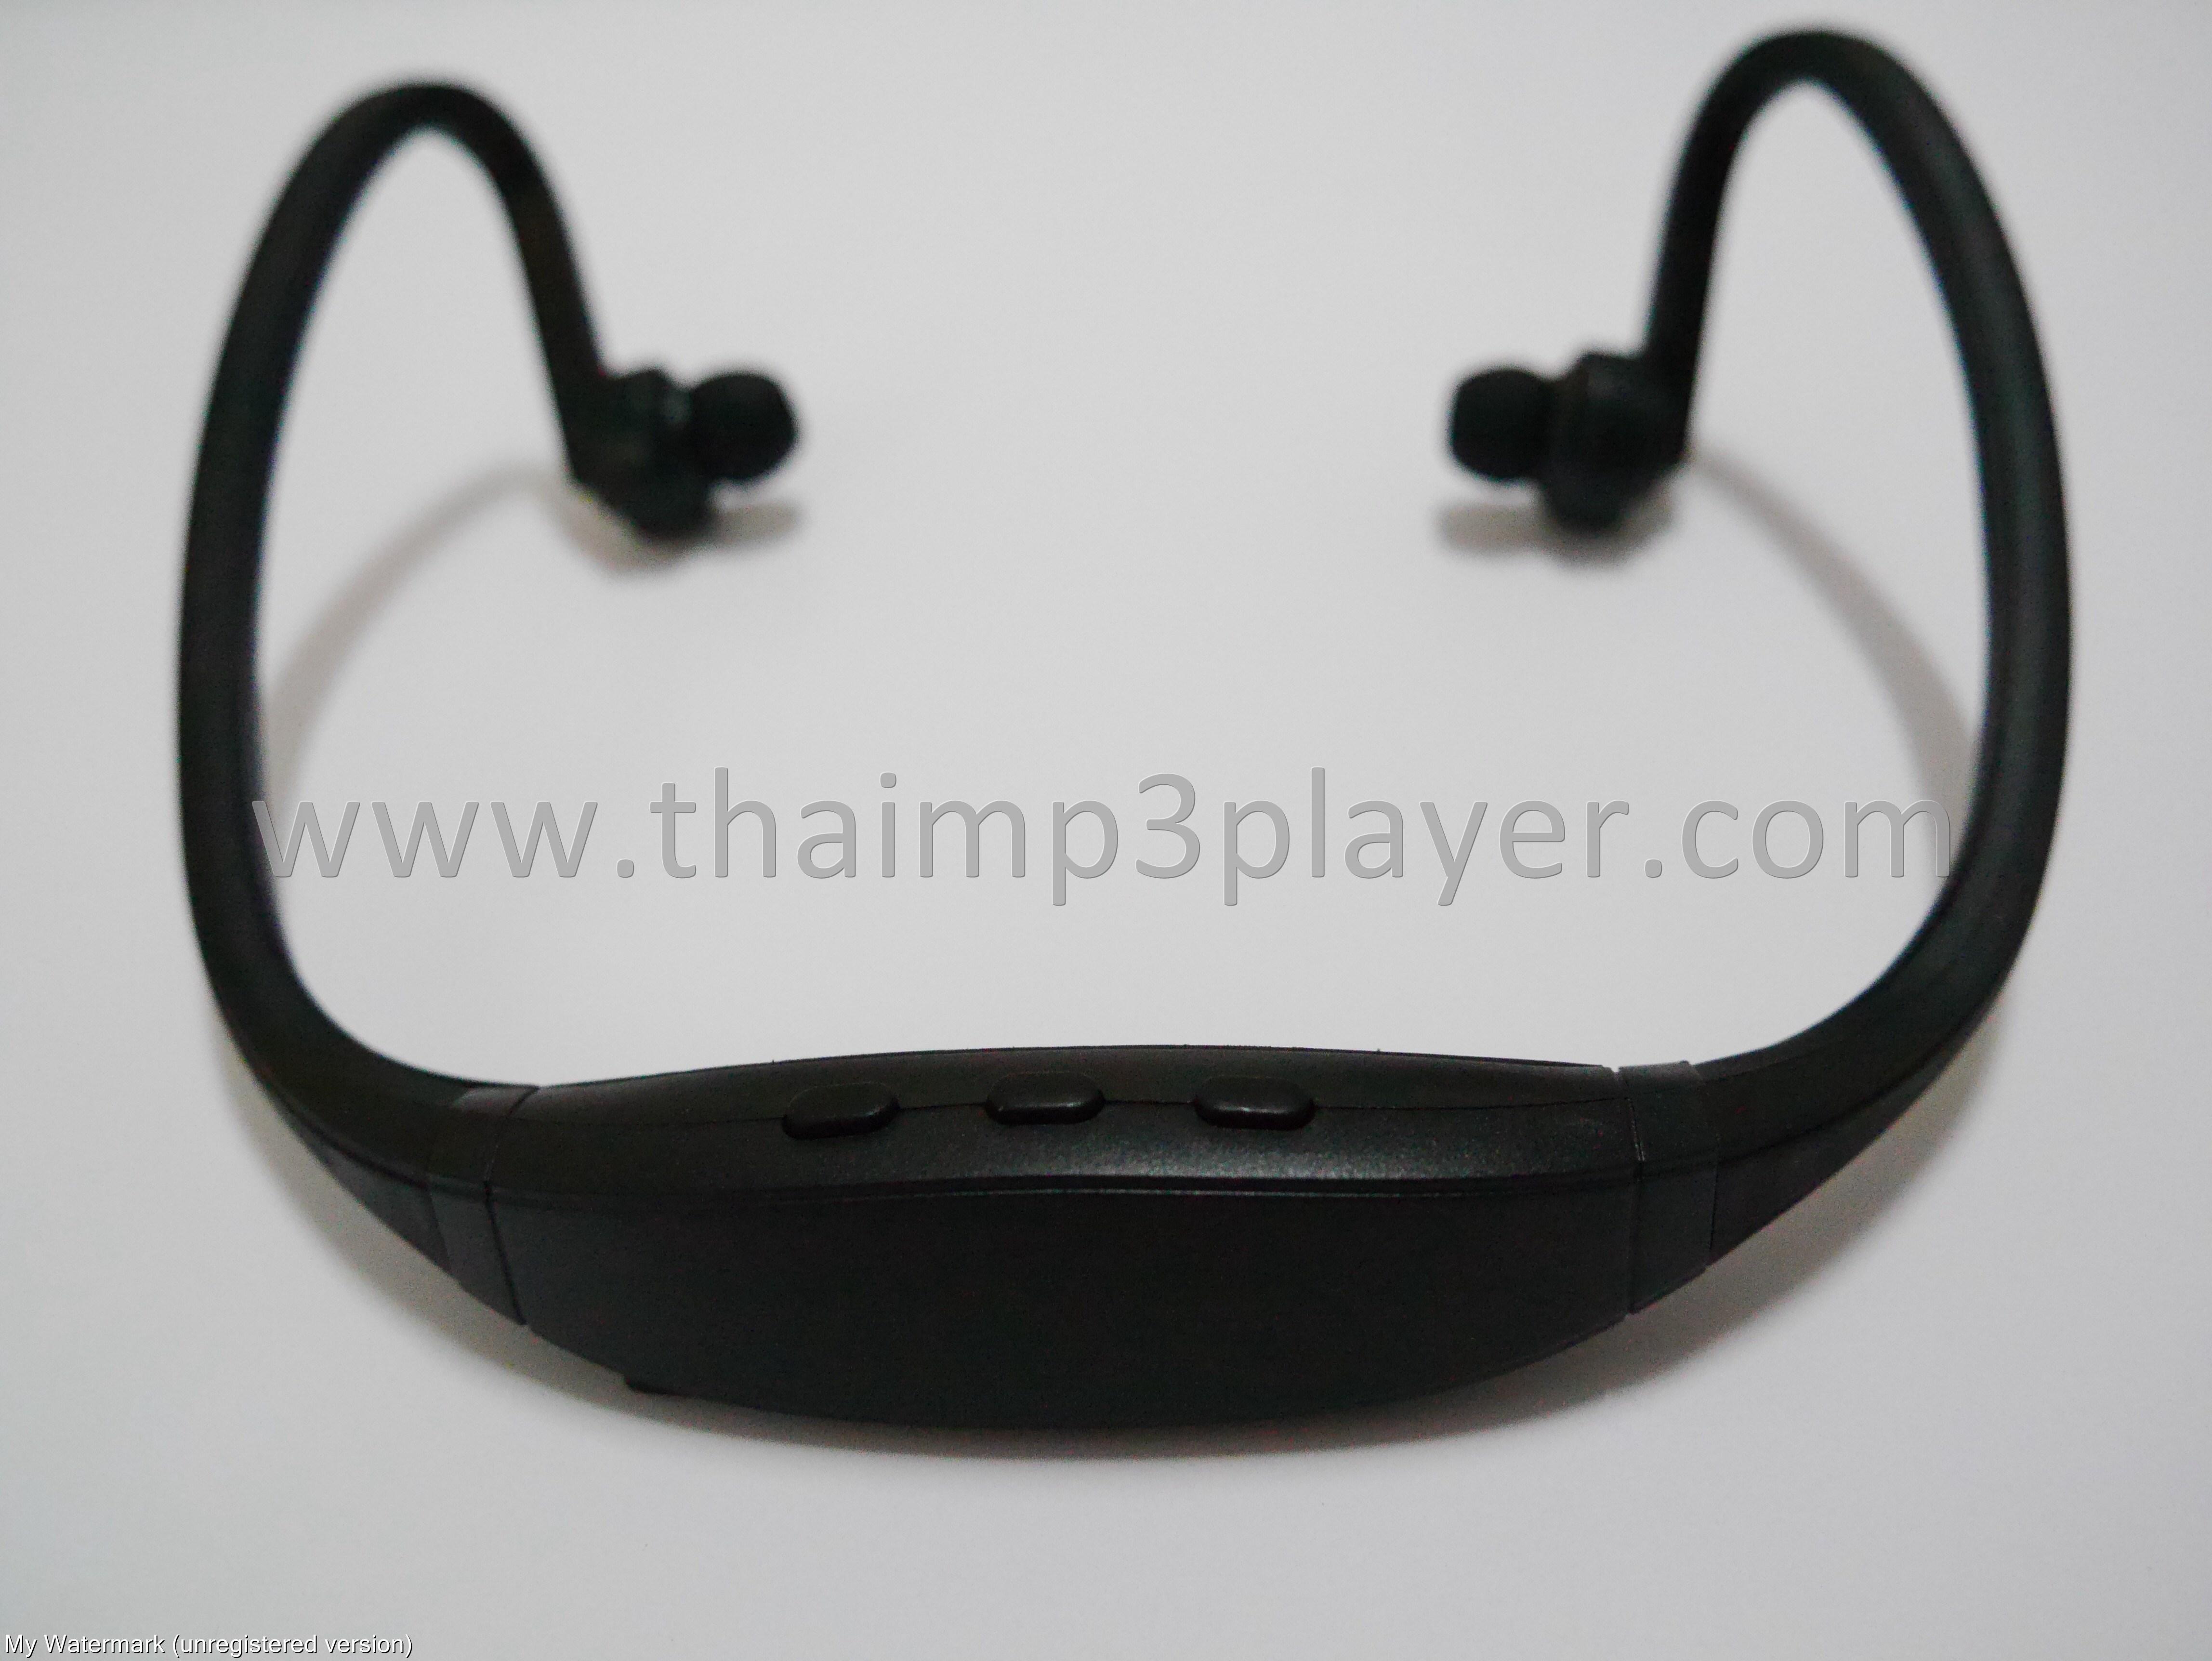 หูฟัง Bluetooth สำหรับออกกำลังกาย สีดำ